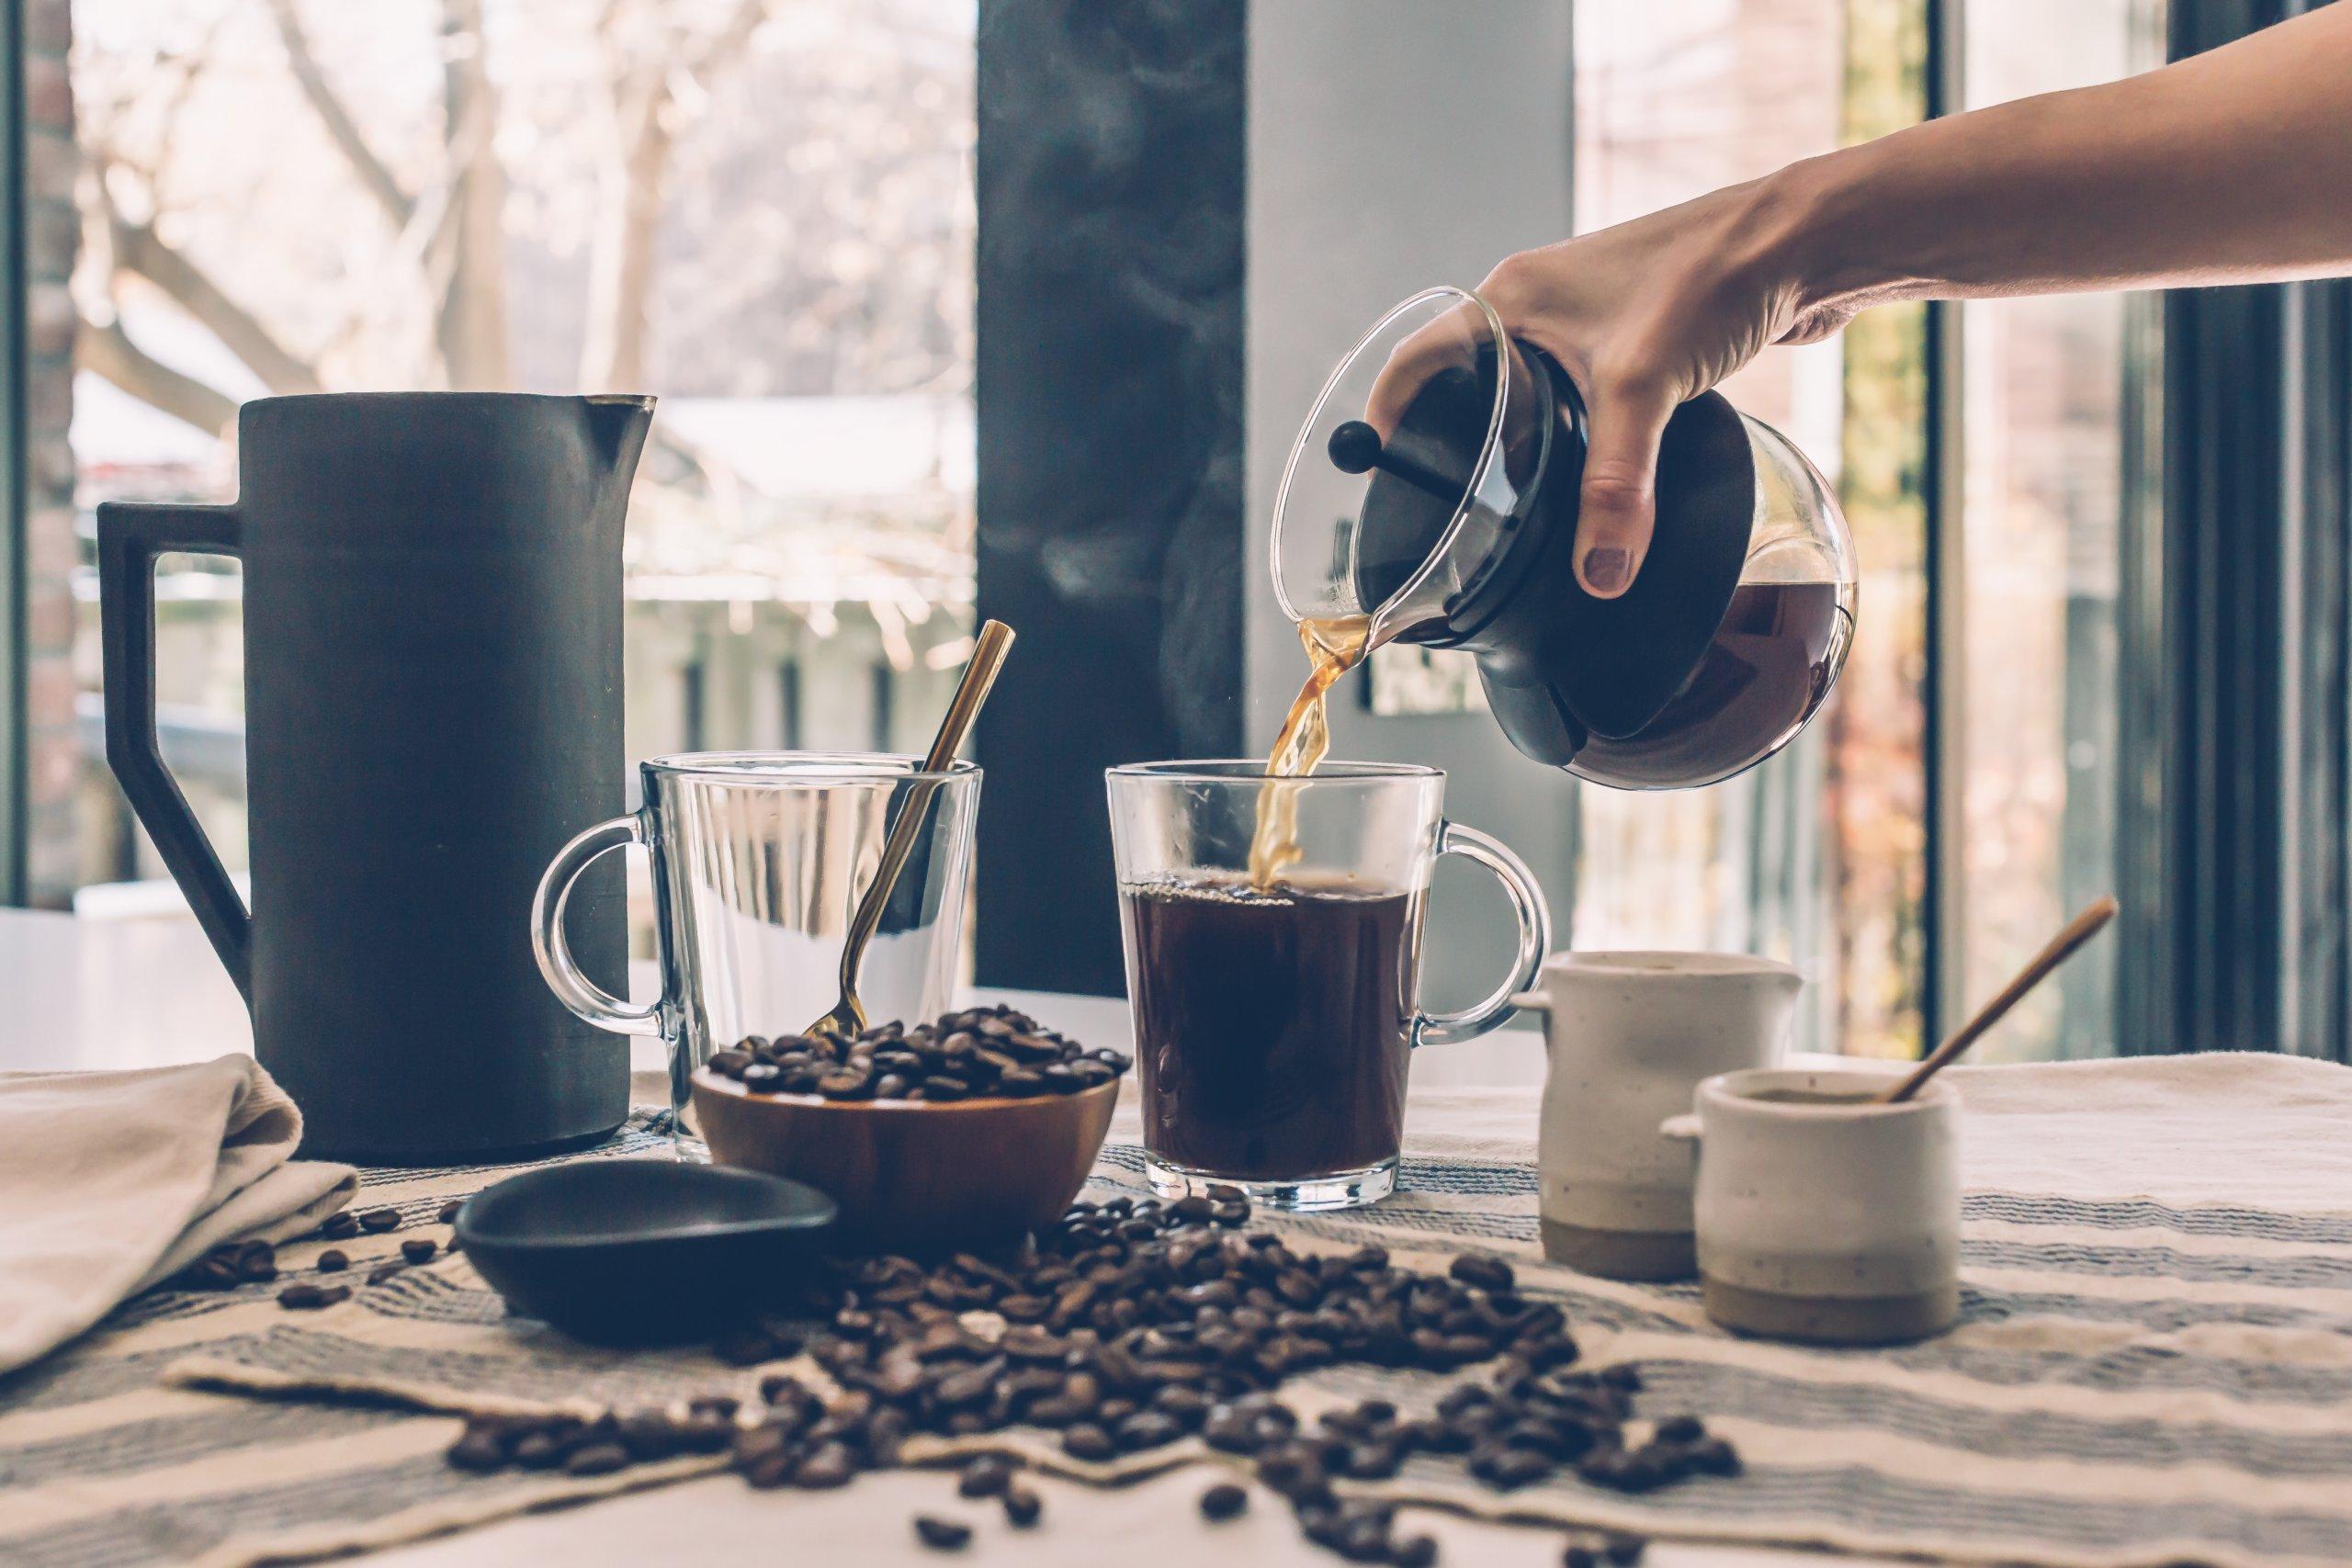 Nemojte se ozlijediti: Kratki vodič za sigurno ispijanje kave ljeti